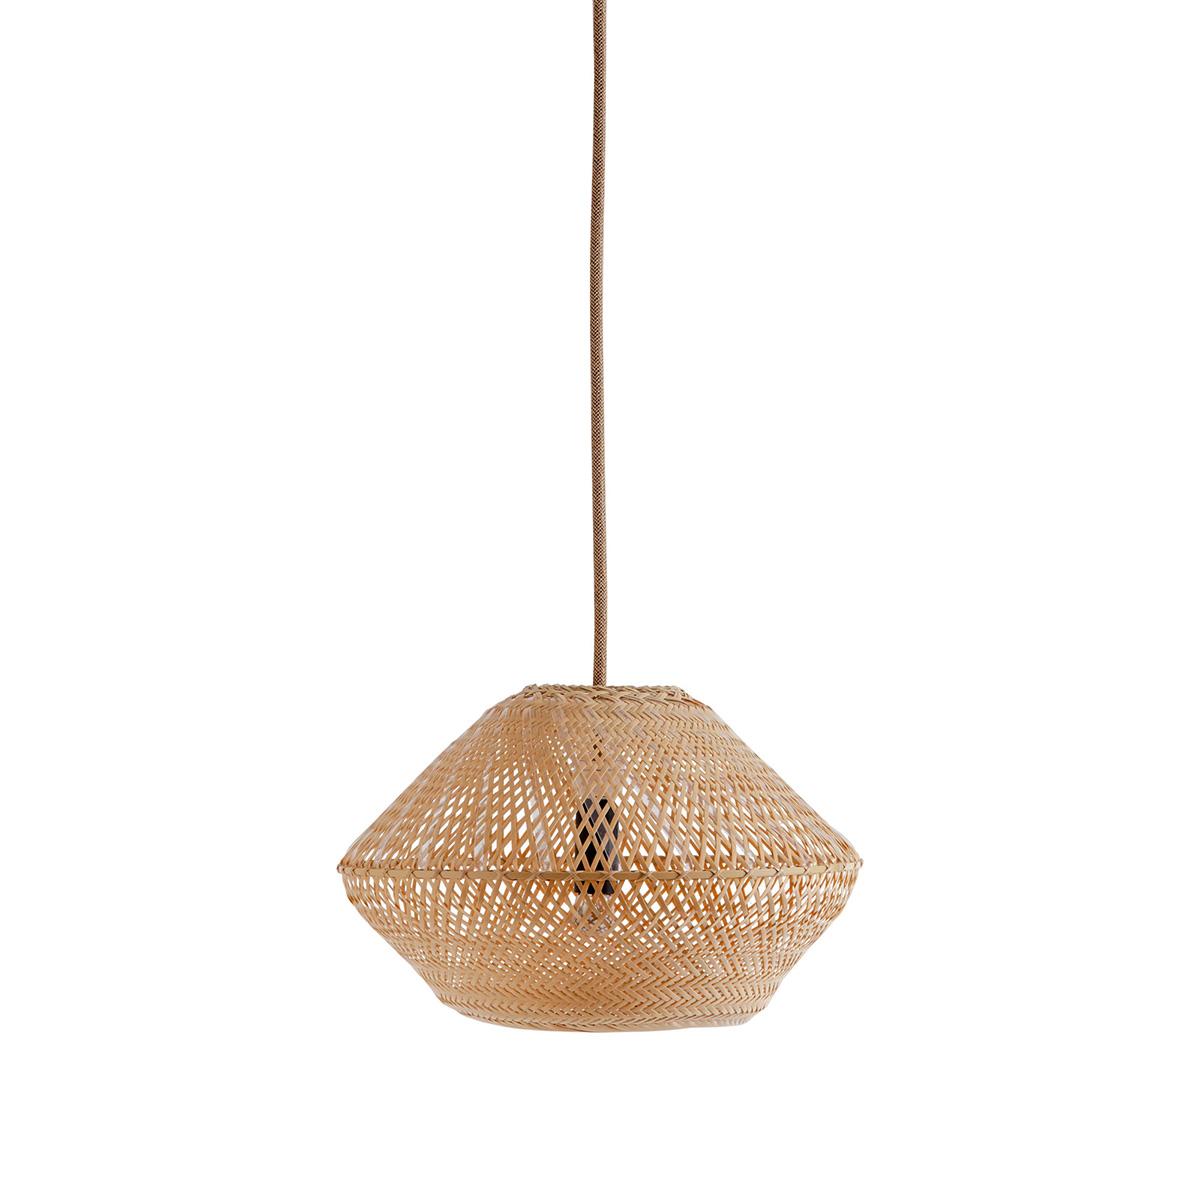 03-pet-lamp-kyoto-hideaki-hosokawa-alvaro-catalan-ocon